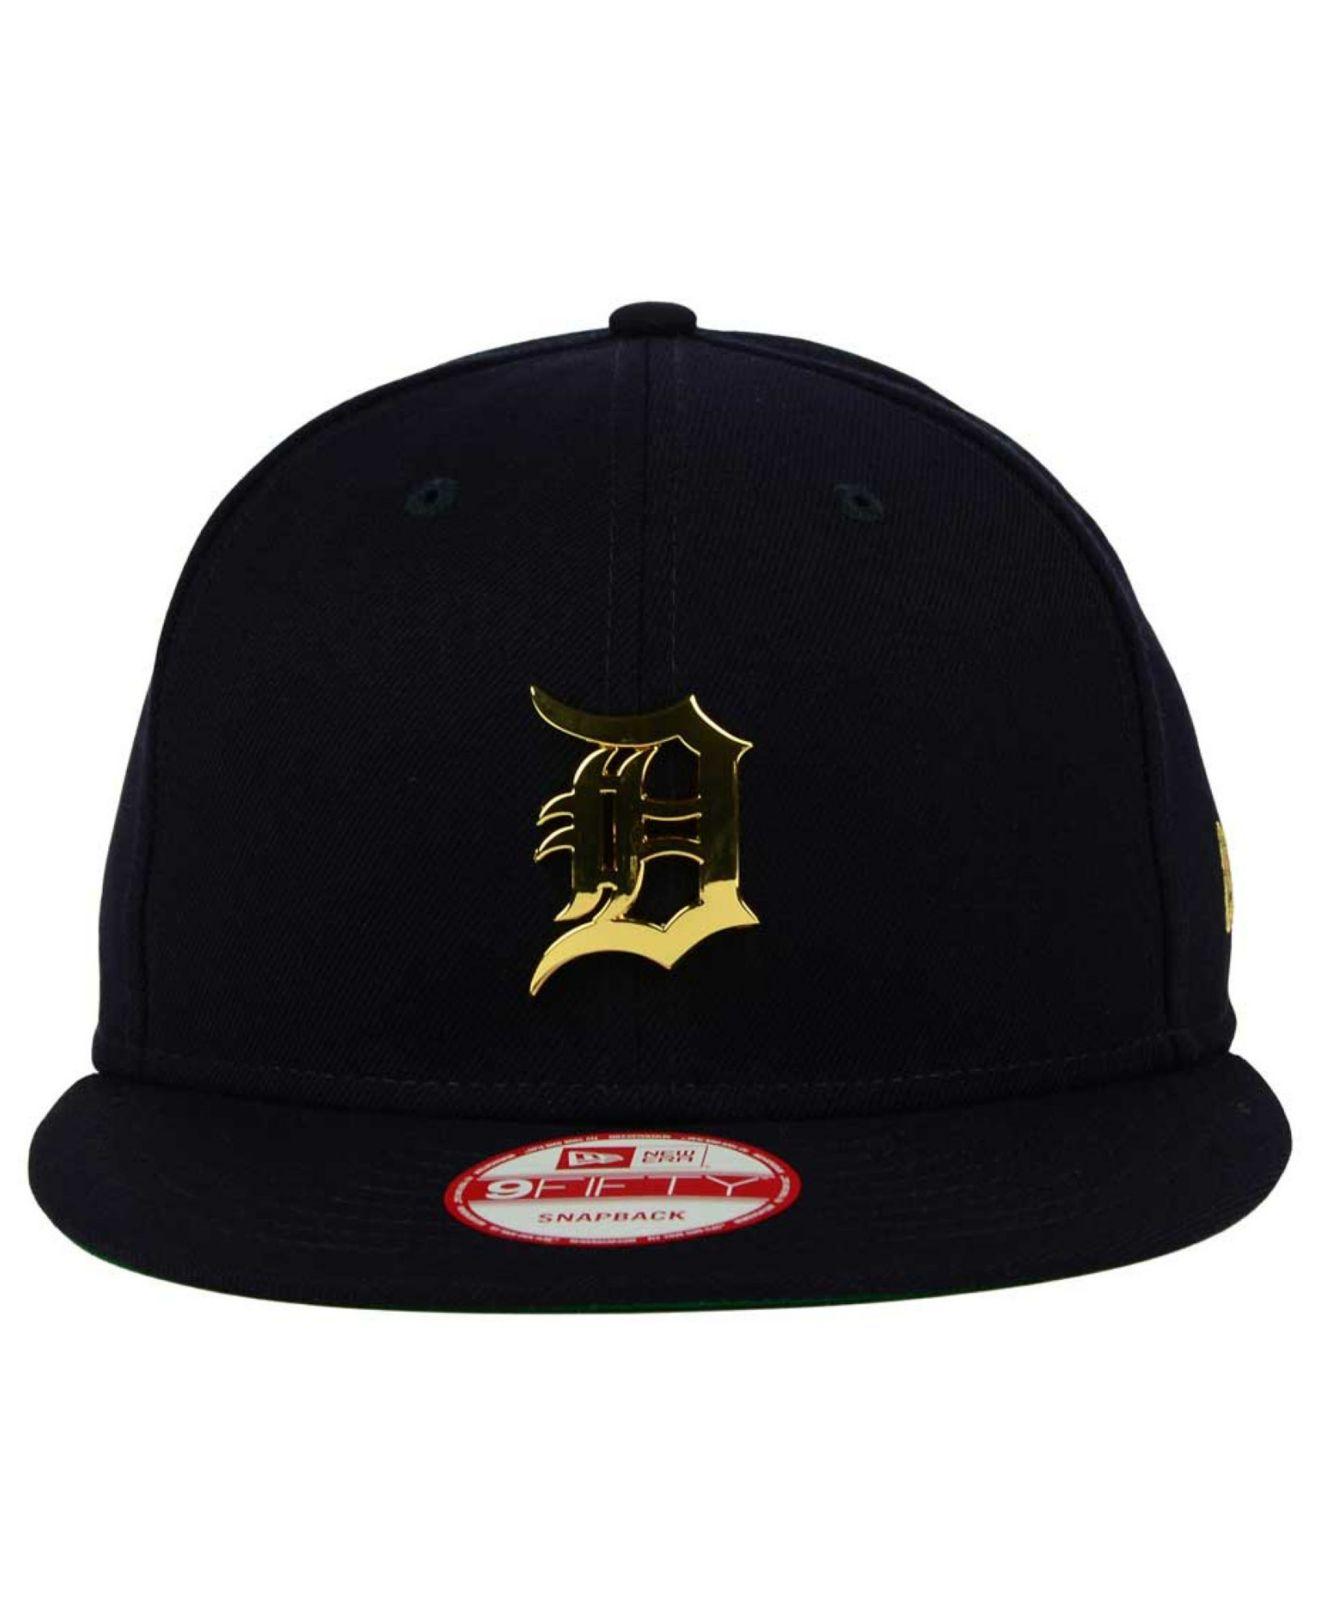 9033565f KTZ Blue Detroit Tigers League O'gold 9fifty Snapback Cap for men